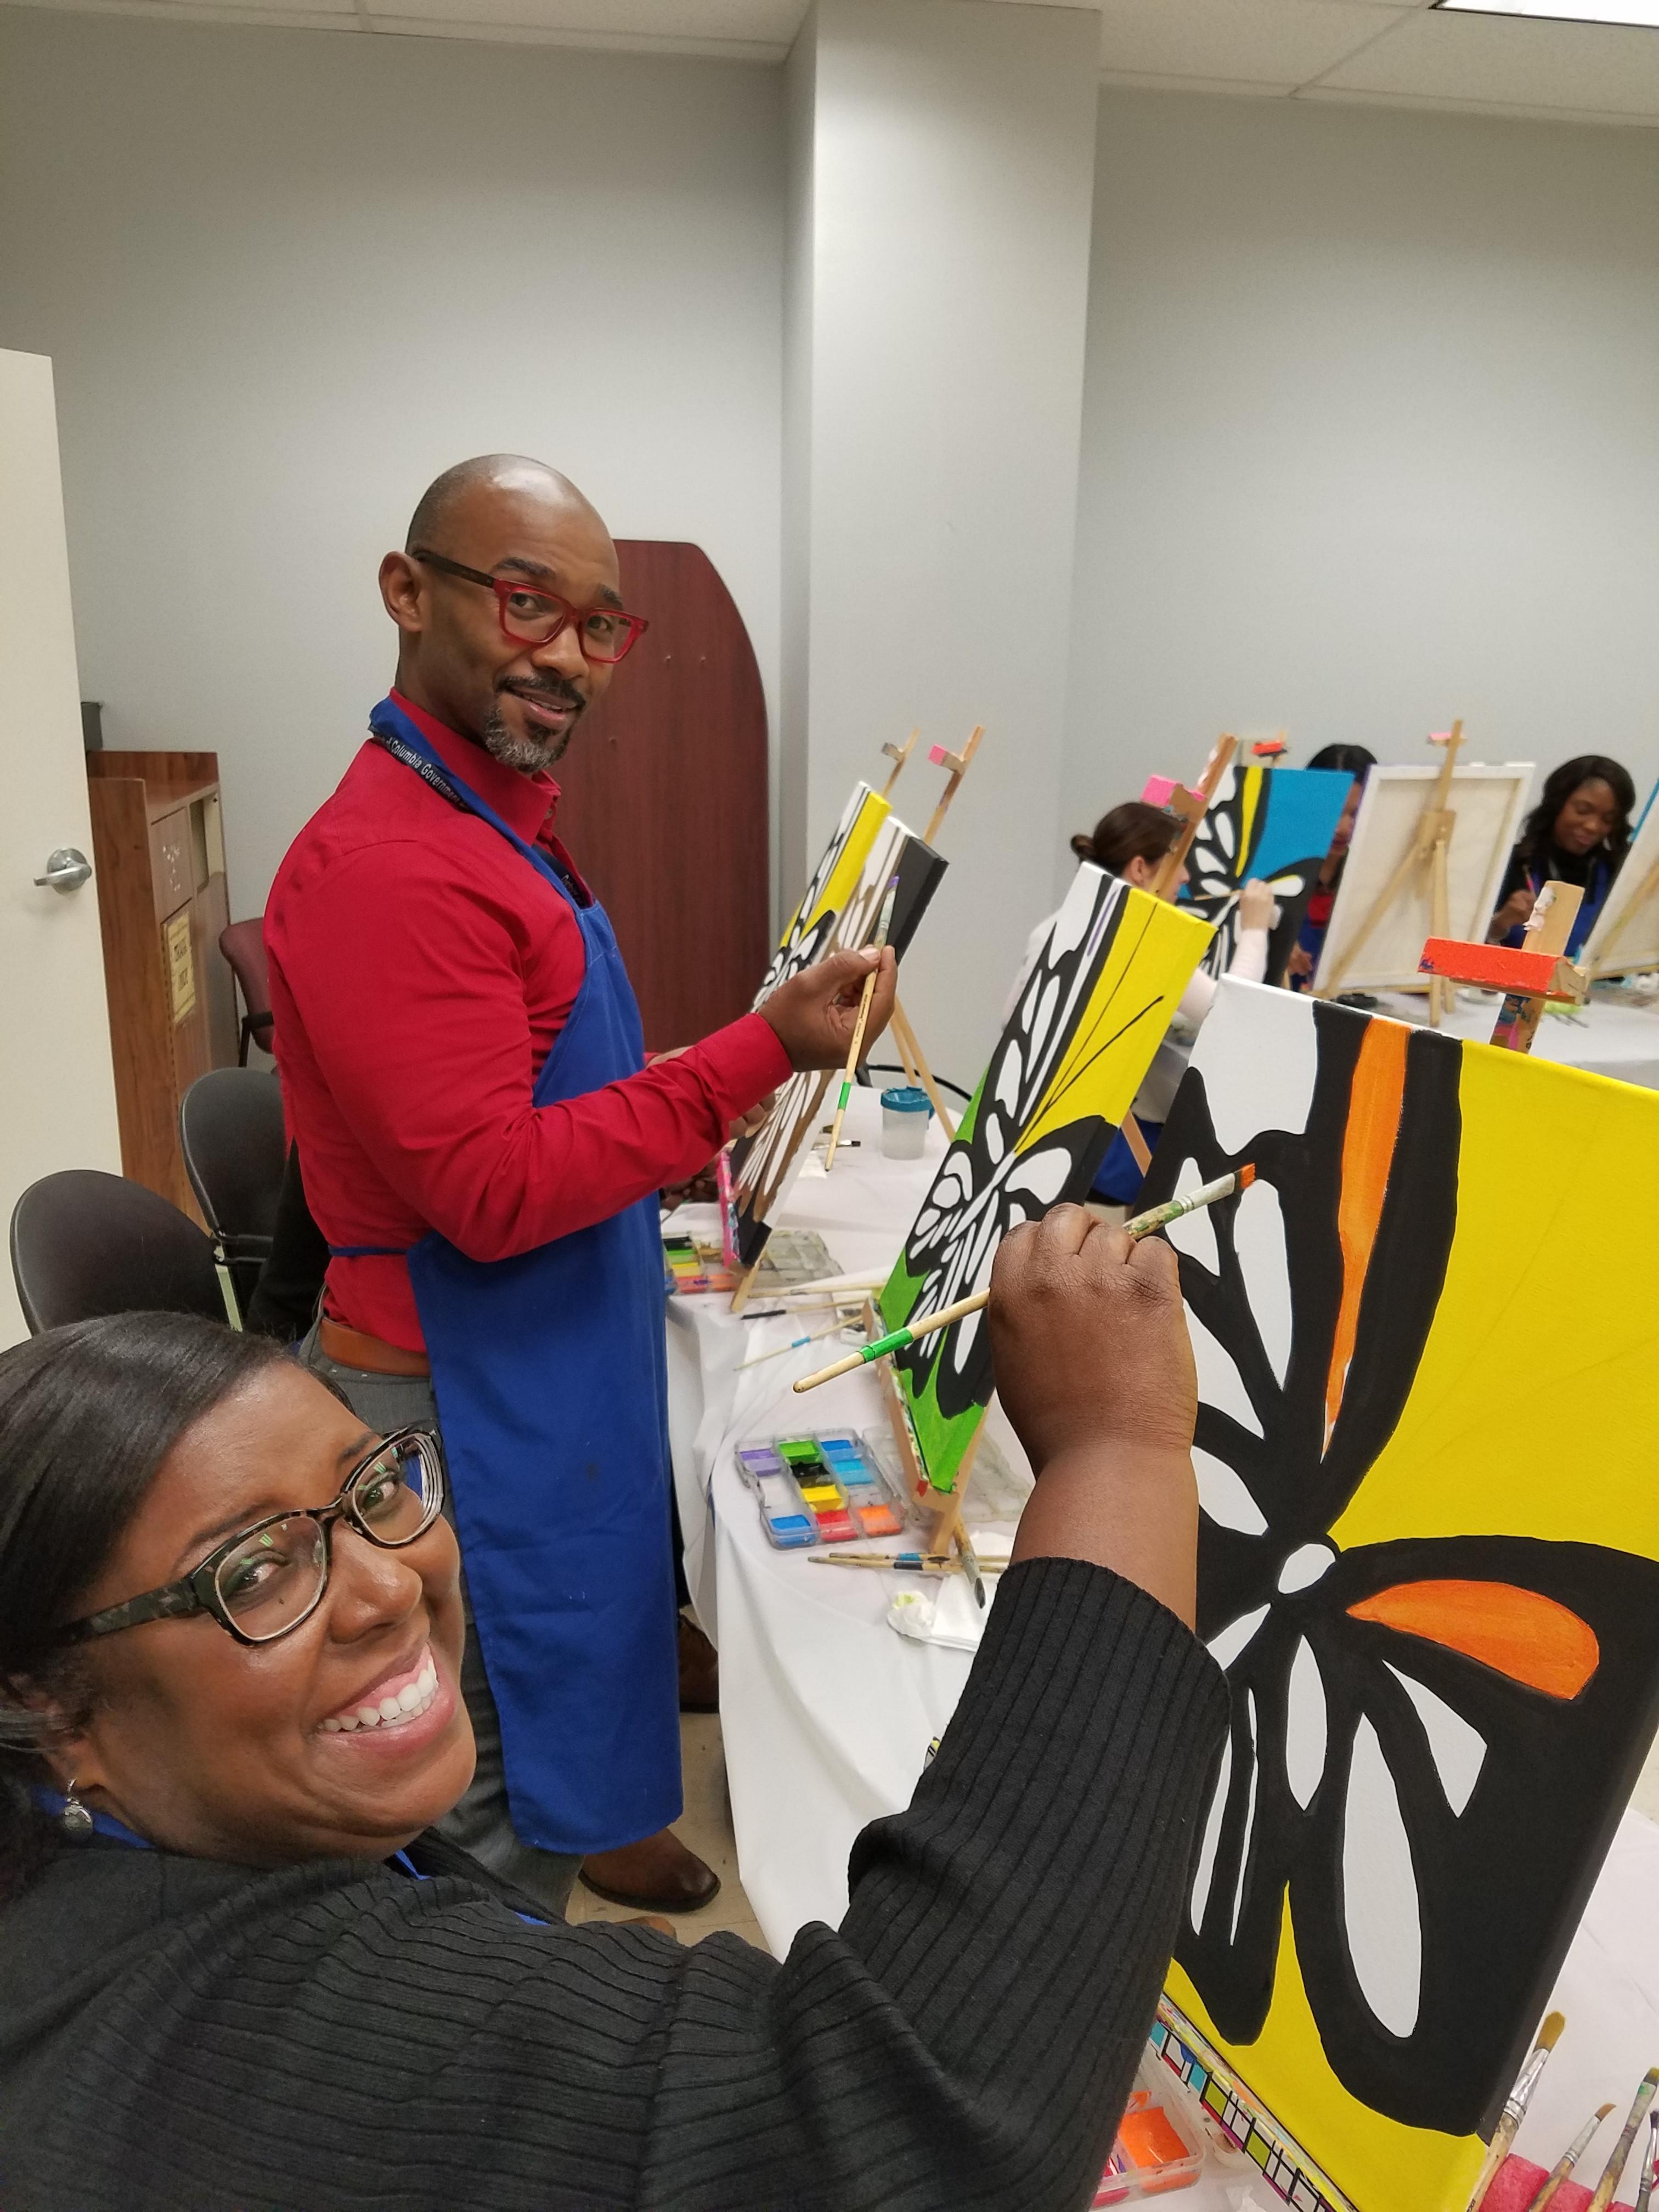 Adult Paint Party Register & Deposit